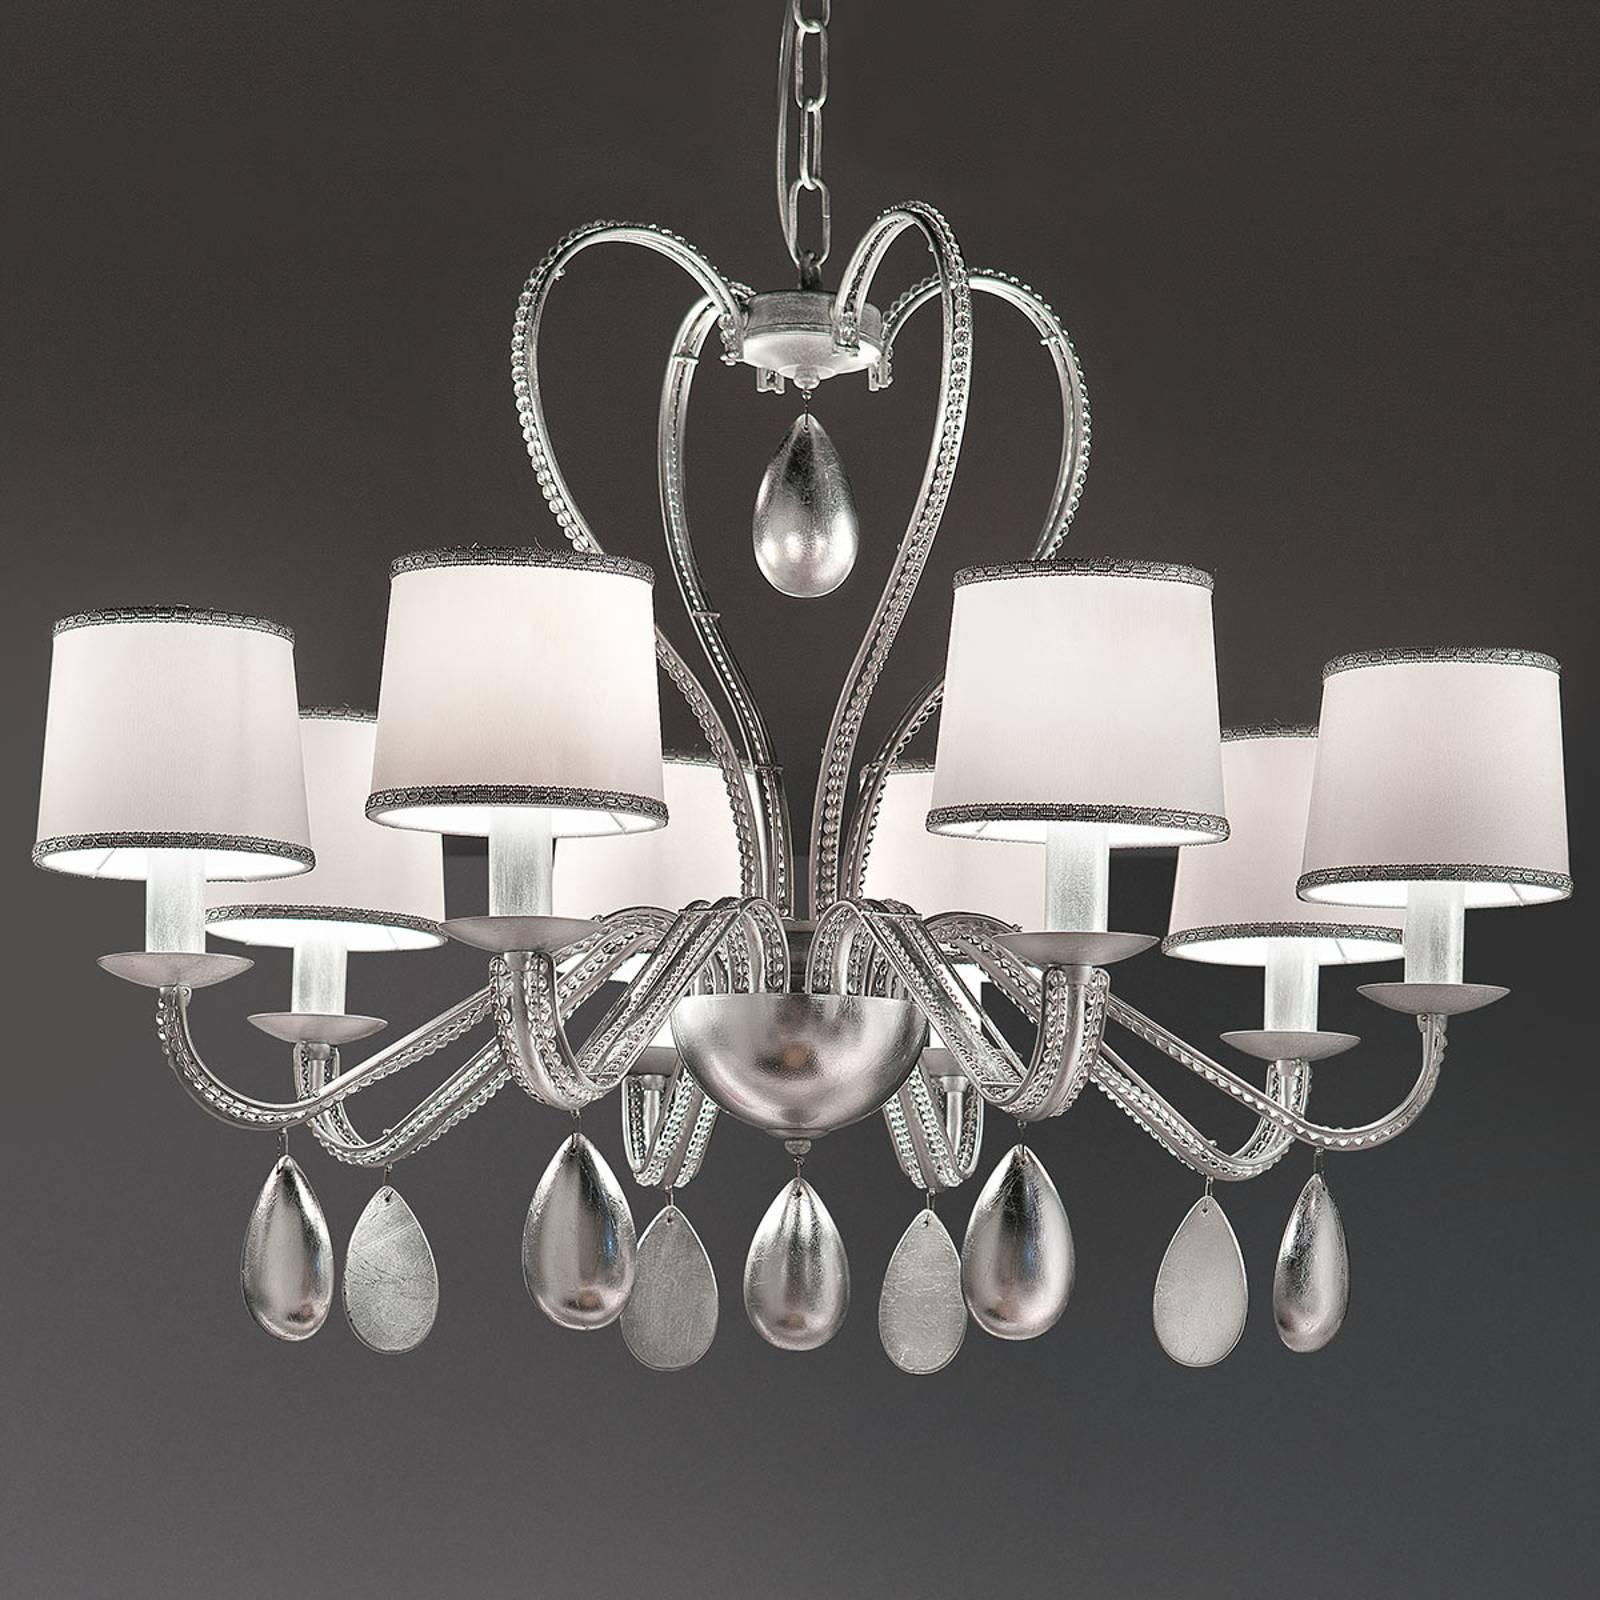 Deckenlampen Von Masiero Und Andere Lampen Für Wohnzimmer. Online Kaufen  Bei Möbel U0026 Garten.